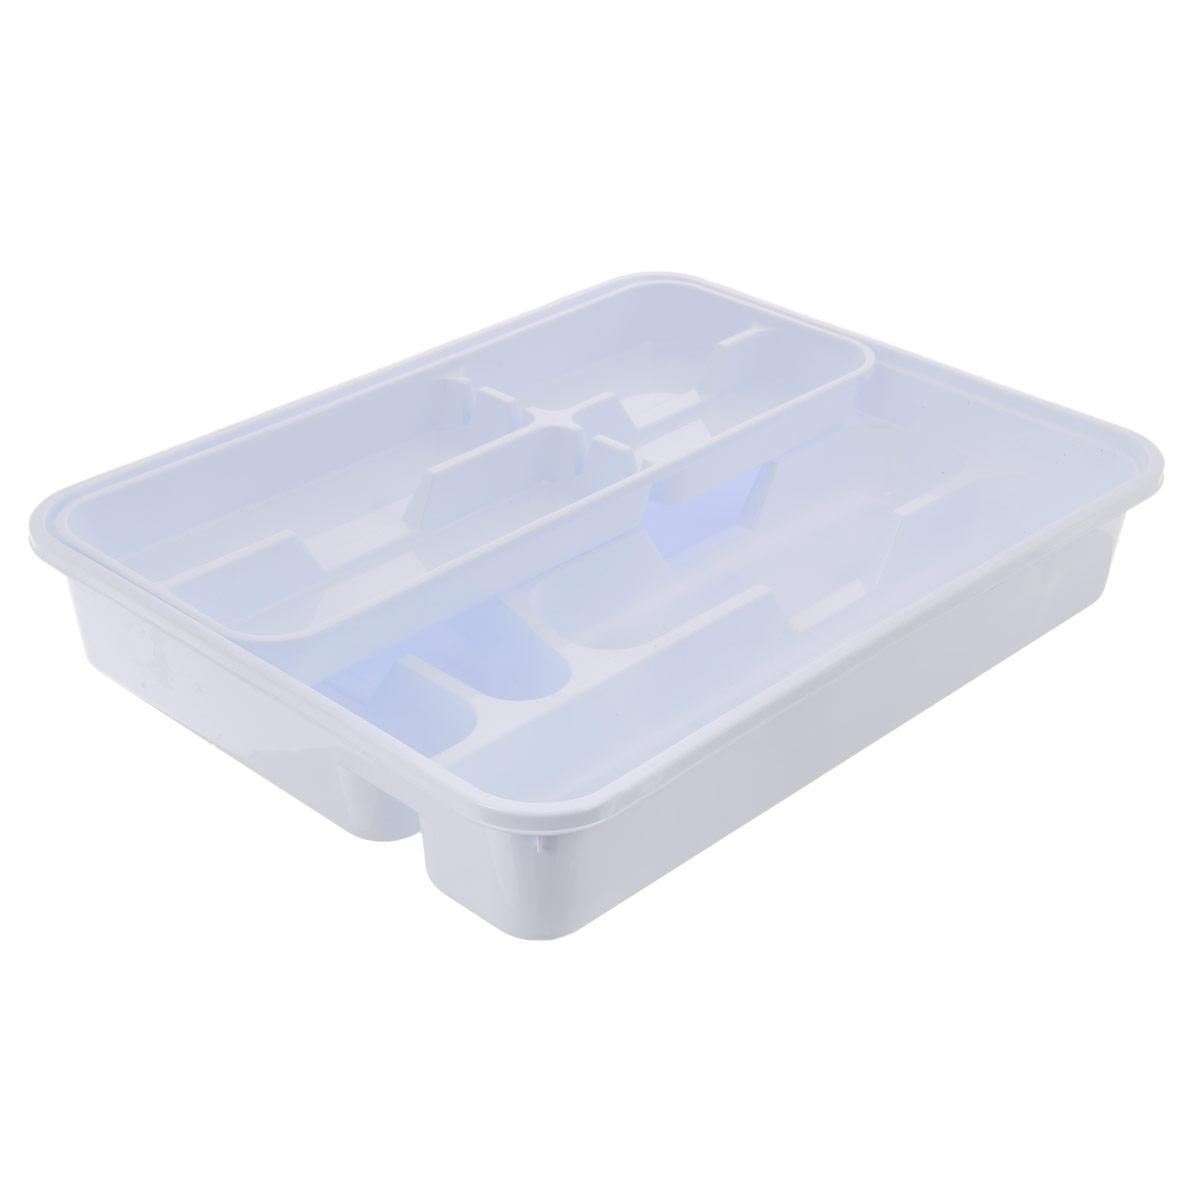 """Лоток для столовых приборов """"Dunya Plastik"""", двойной, цвет: белый, 39 х 31 см"""